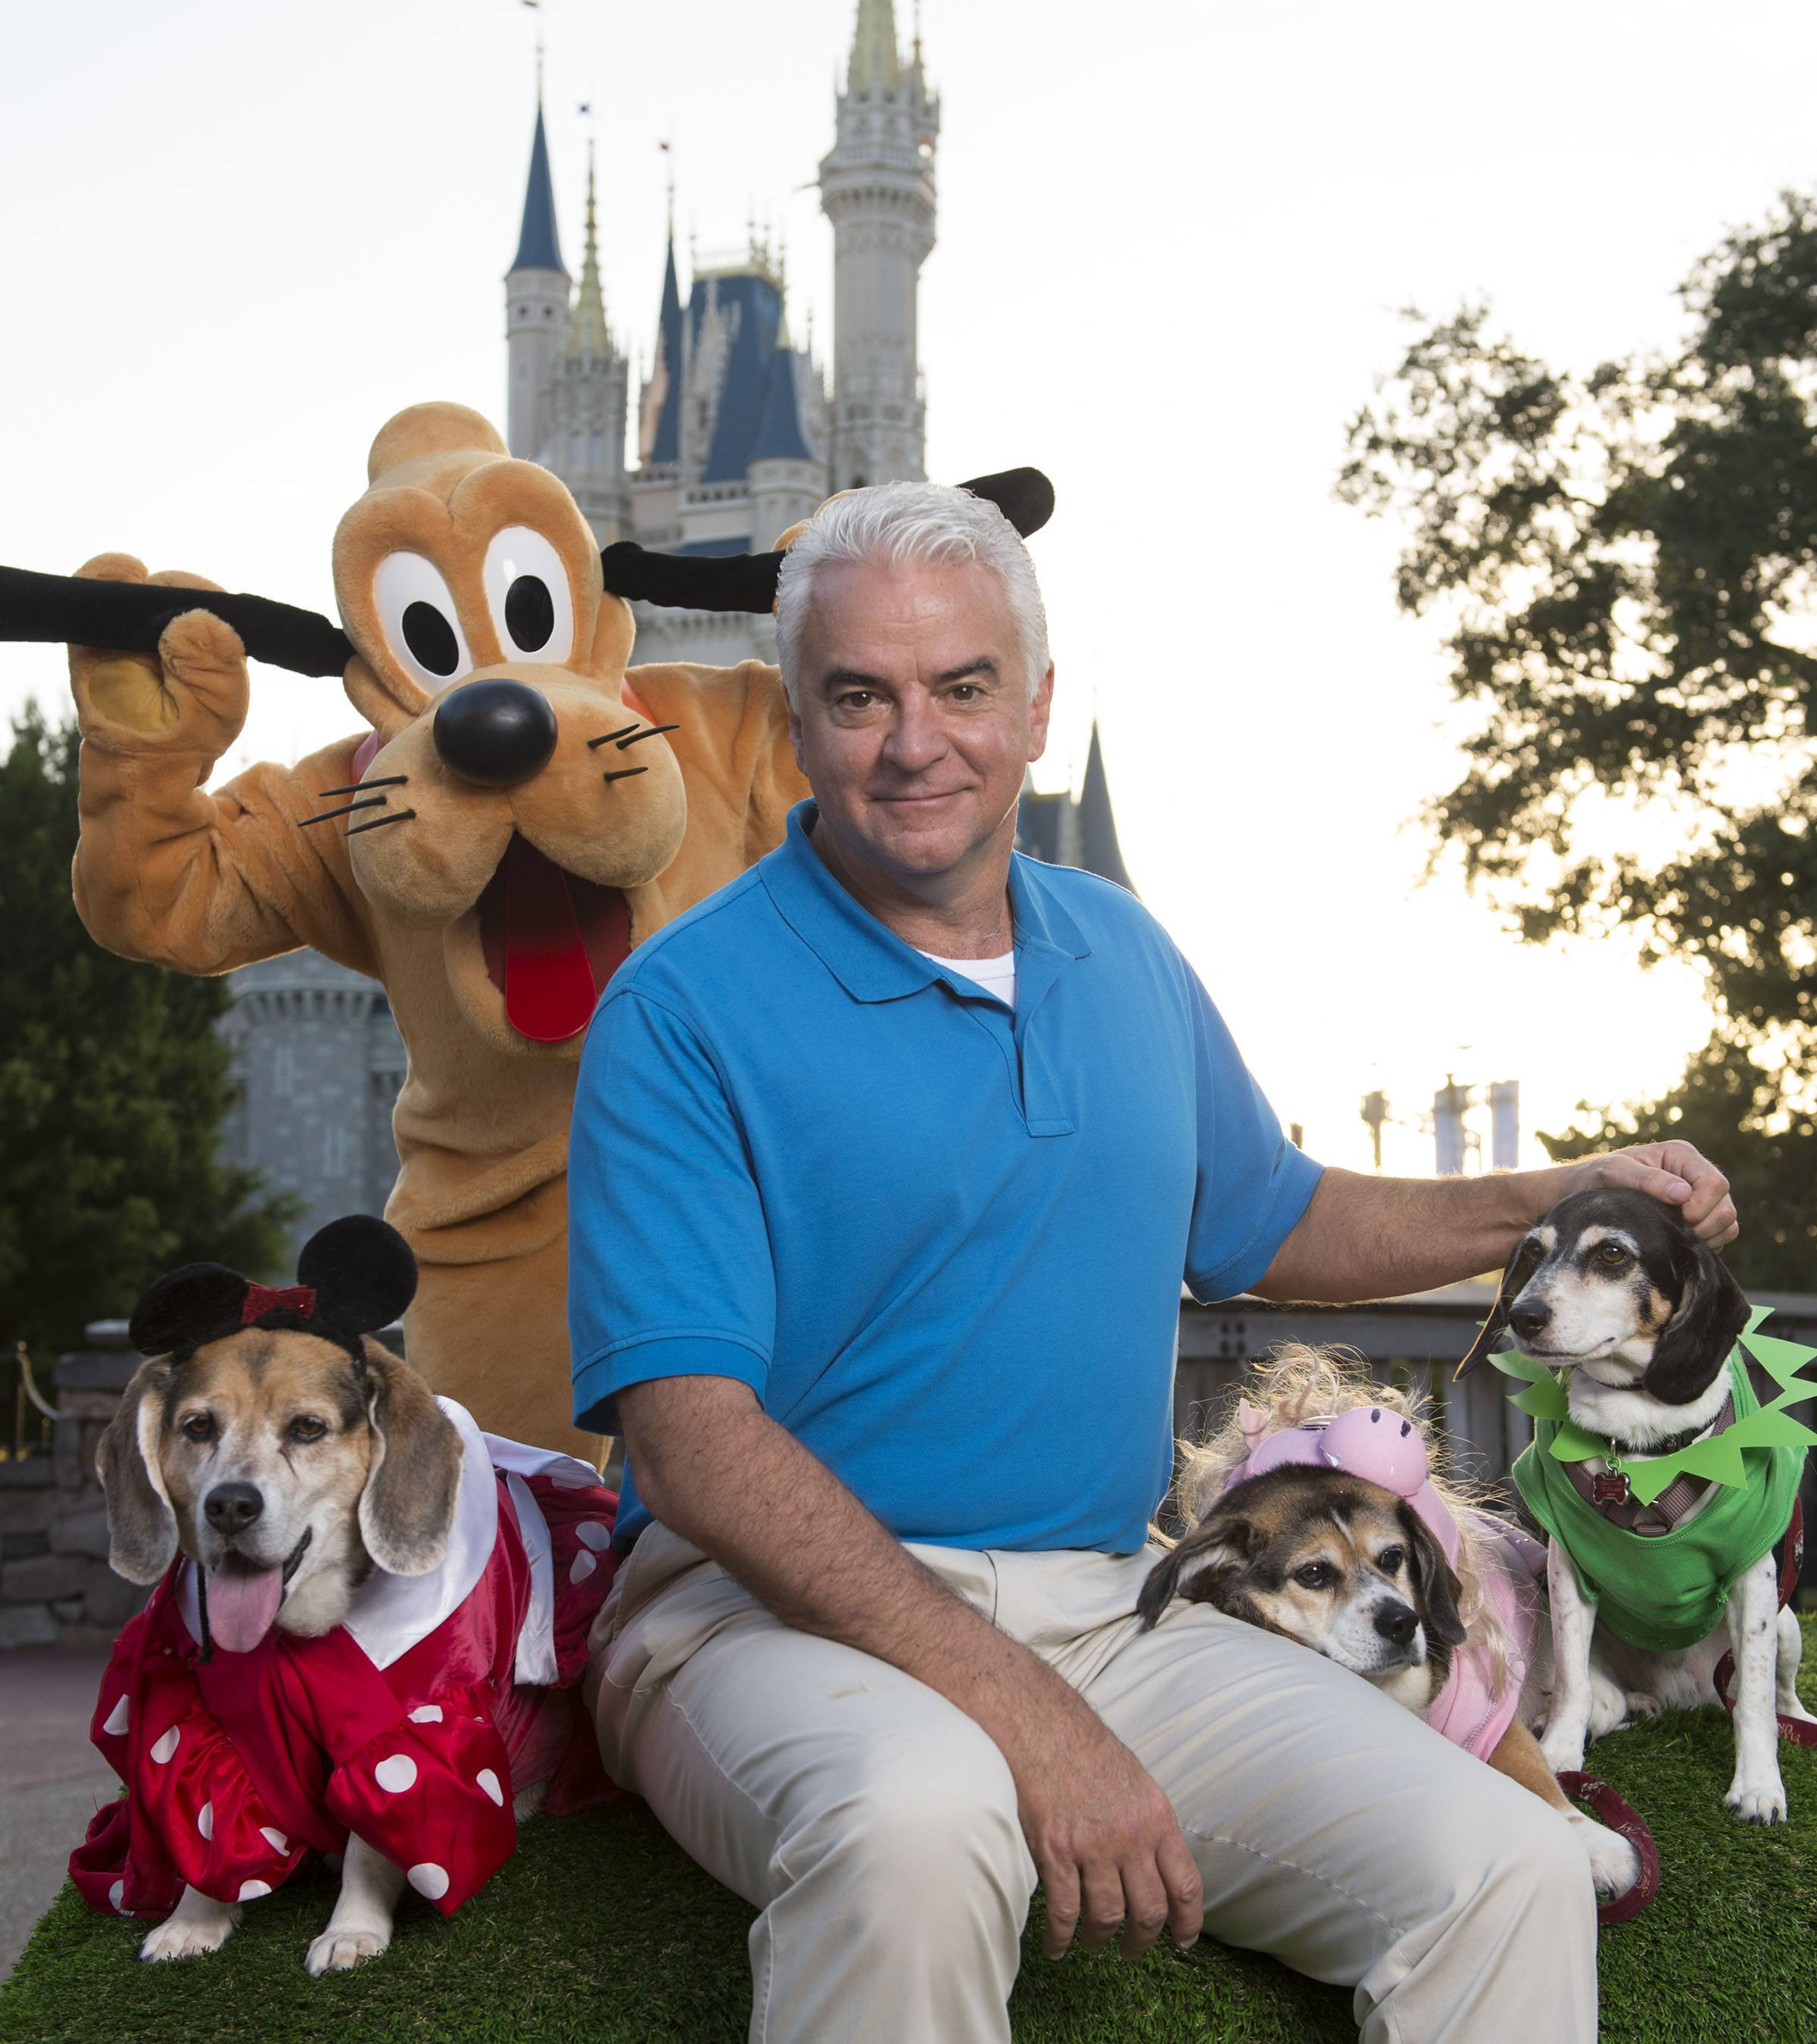 Dog Day Care Near Walt Disney World